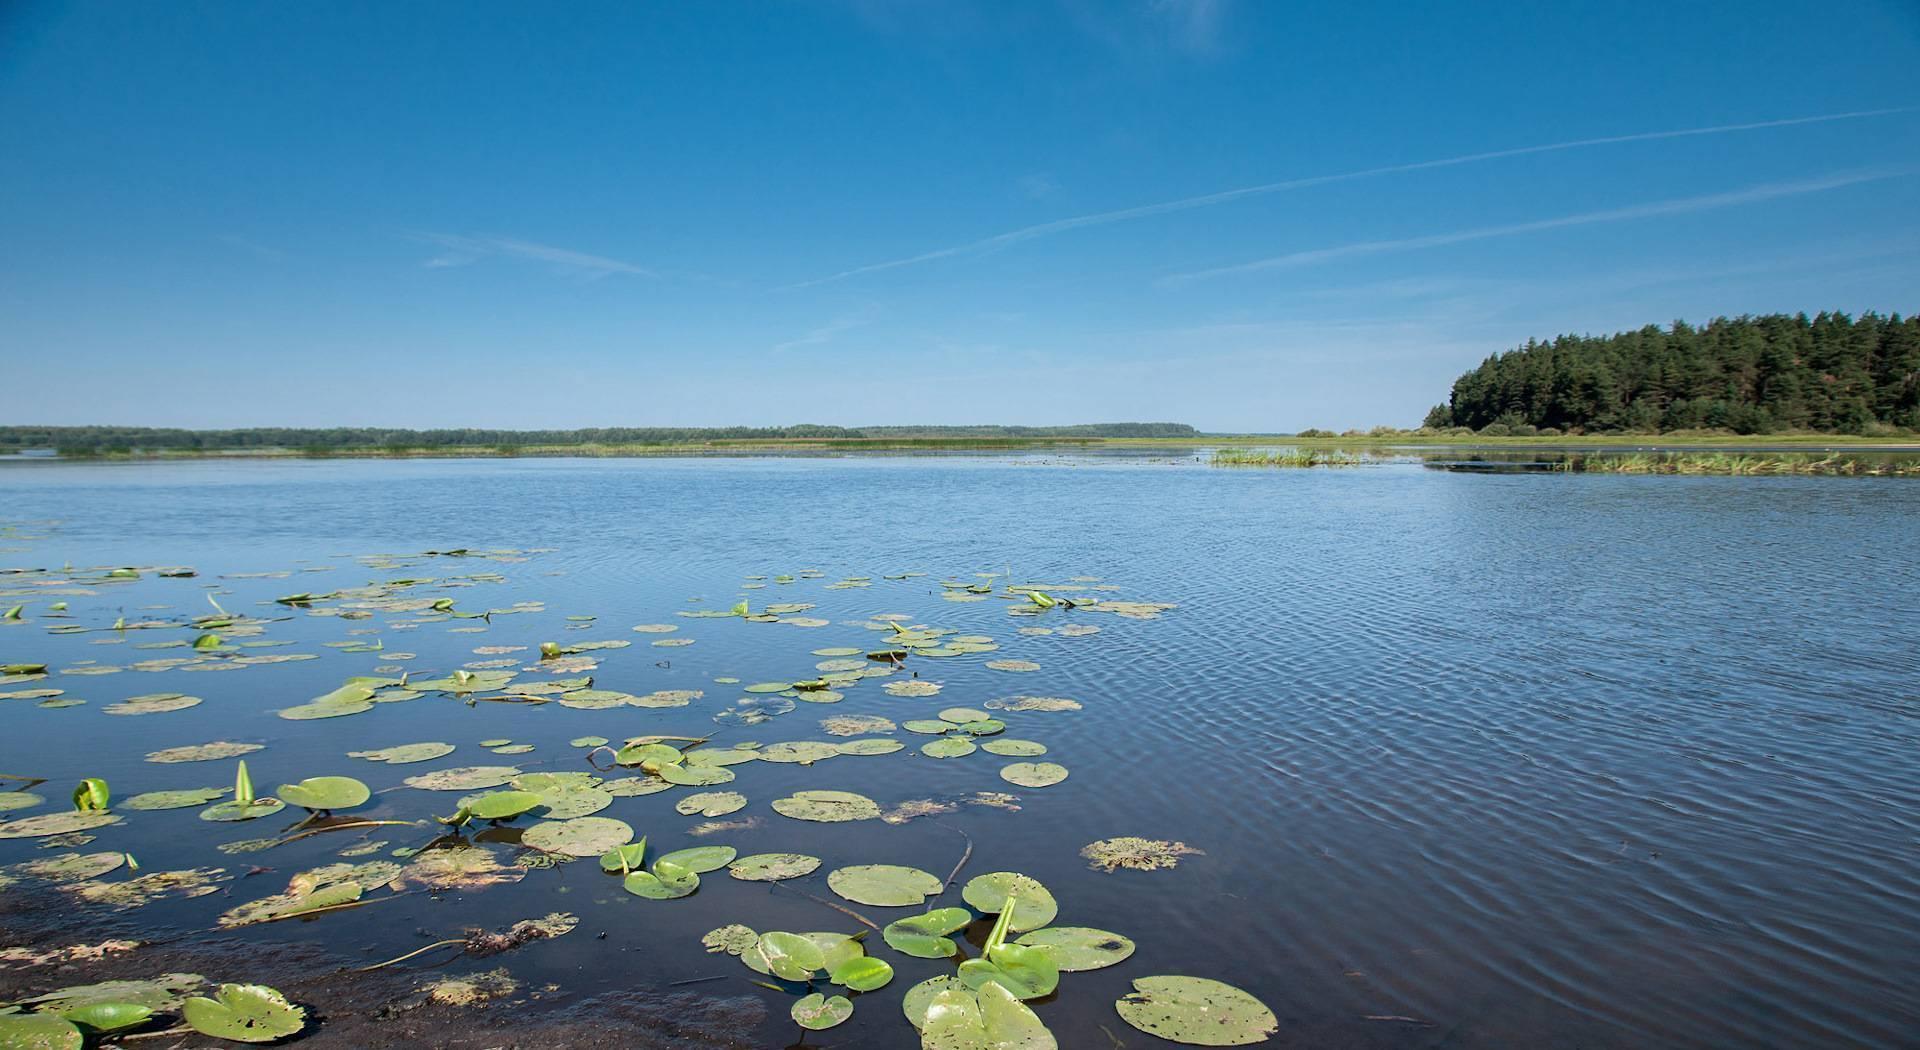 Озеро круглое в московской области: рыбалка, как доехать, базы отдыха